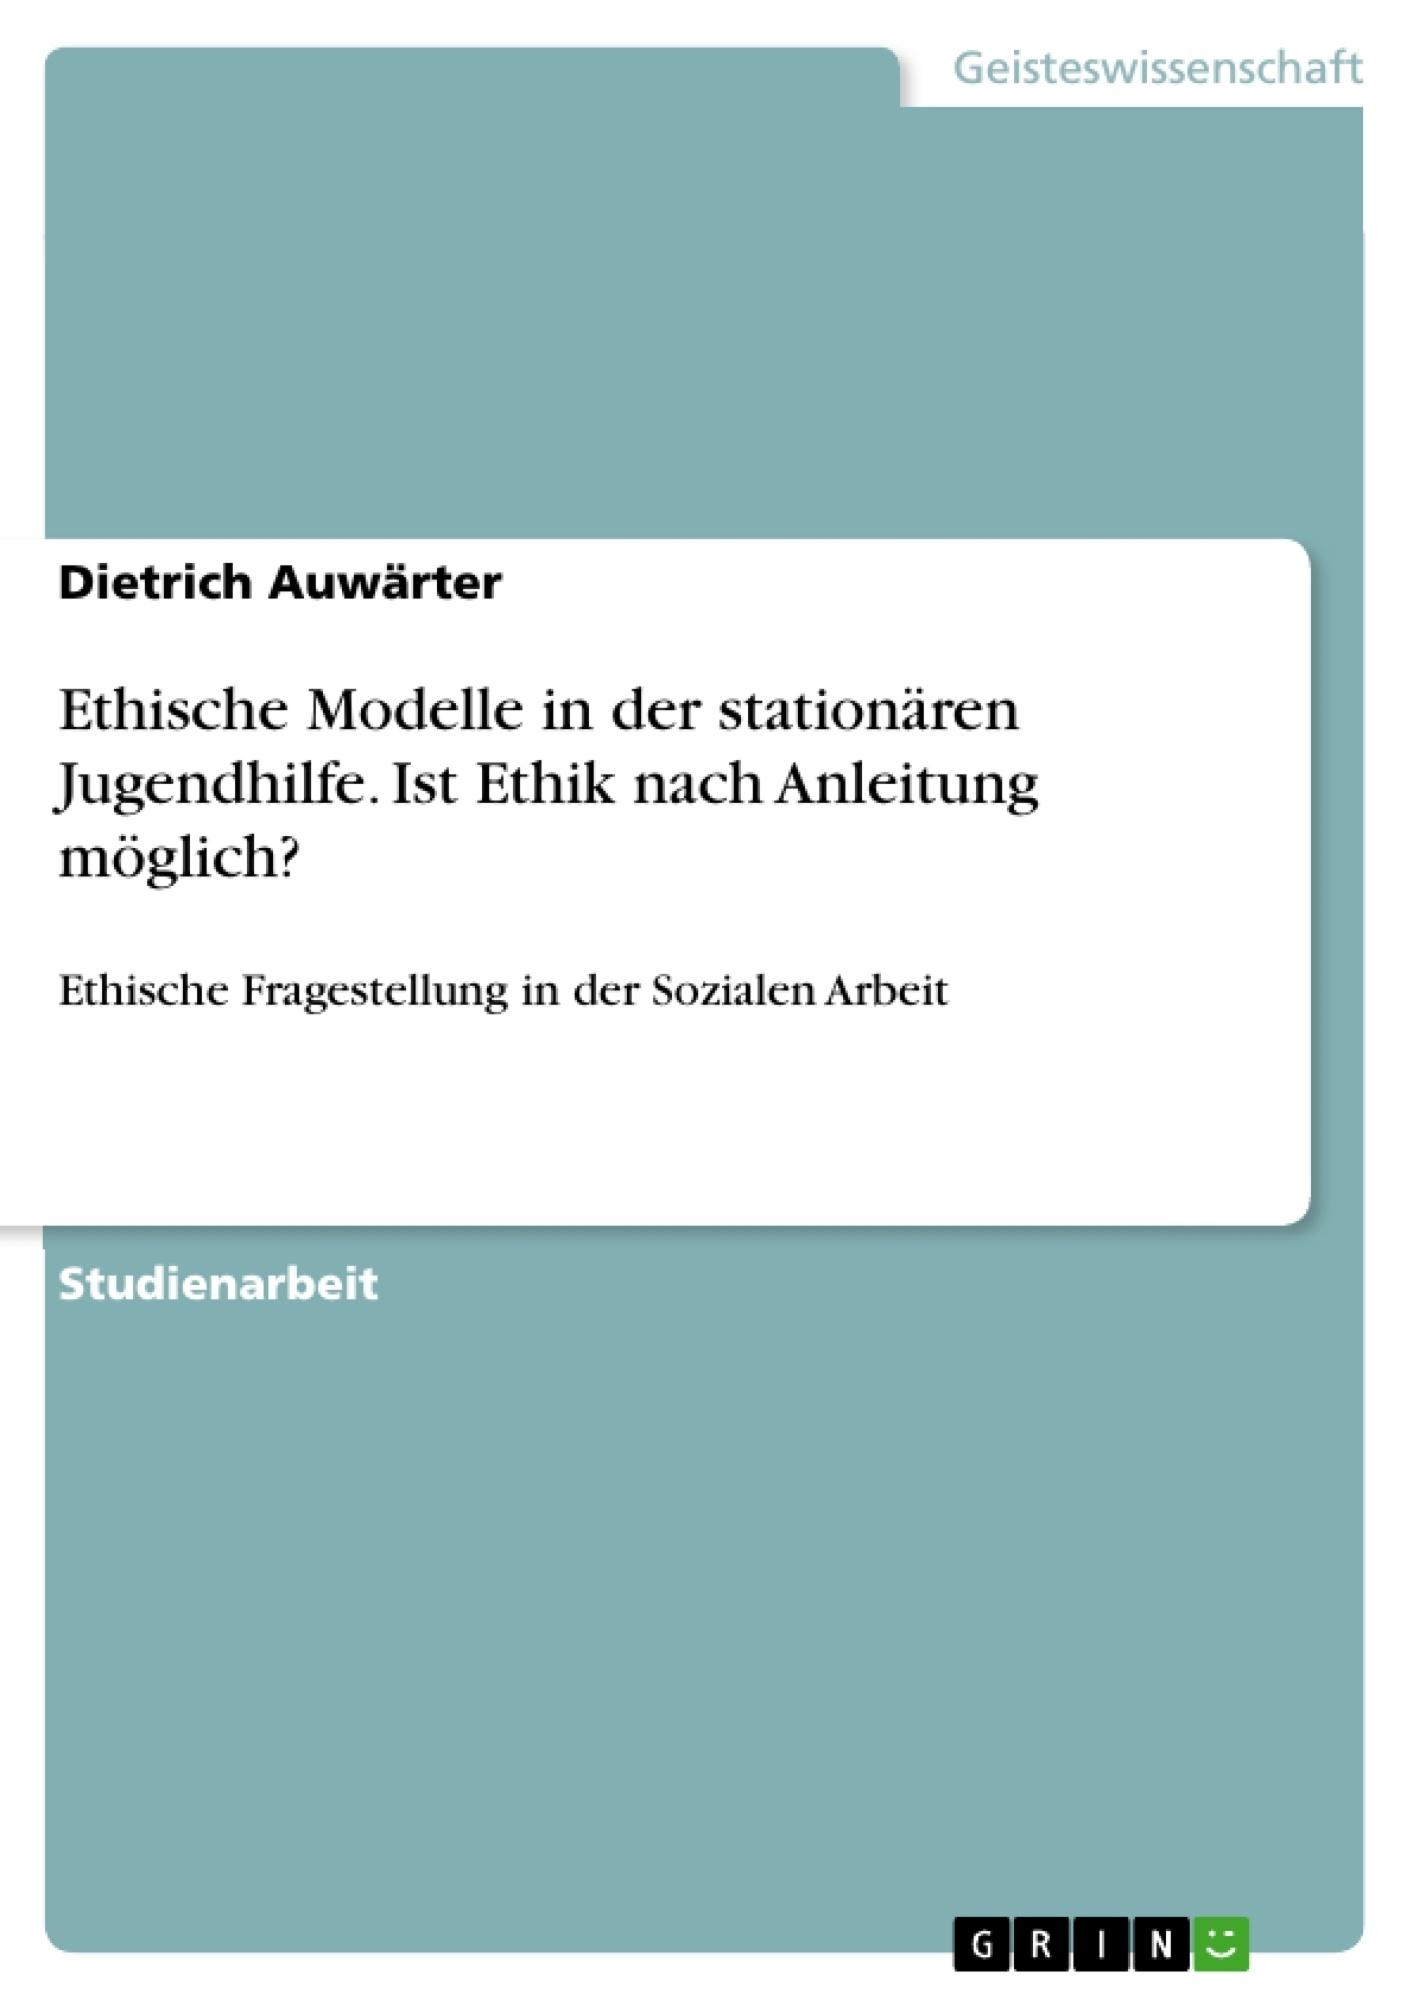 Titel: Ethische Modelle in der stationären Jugendhilfe. Ist Ethik nach Anleitung möglich?